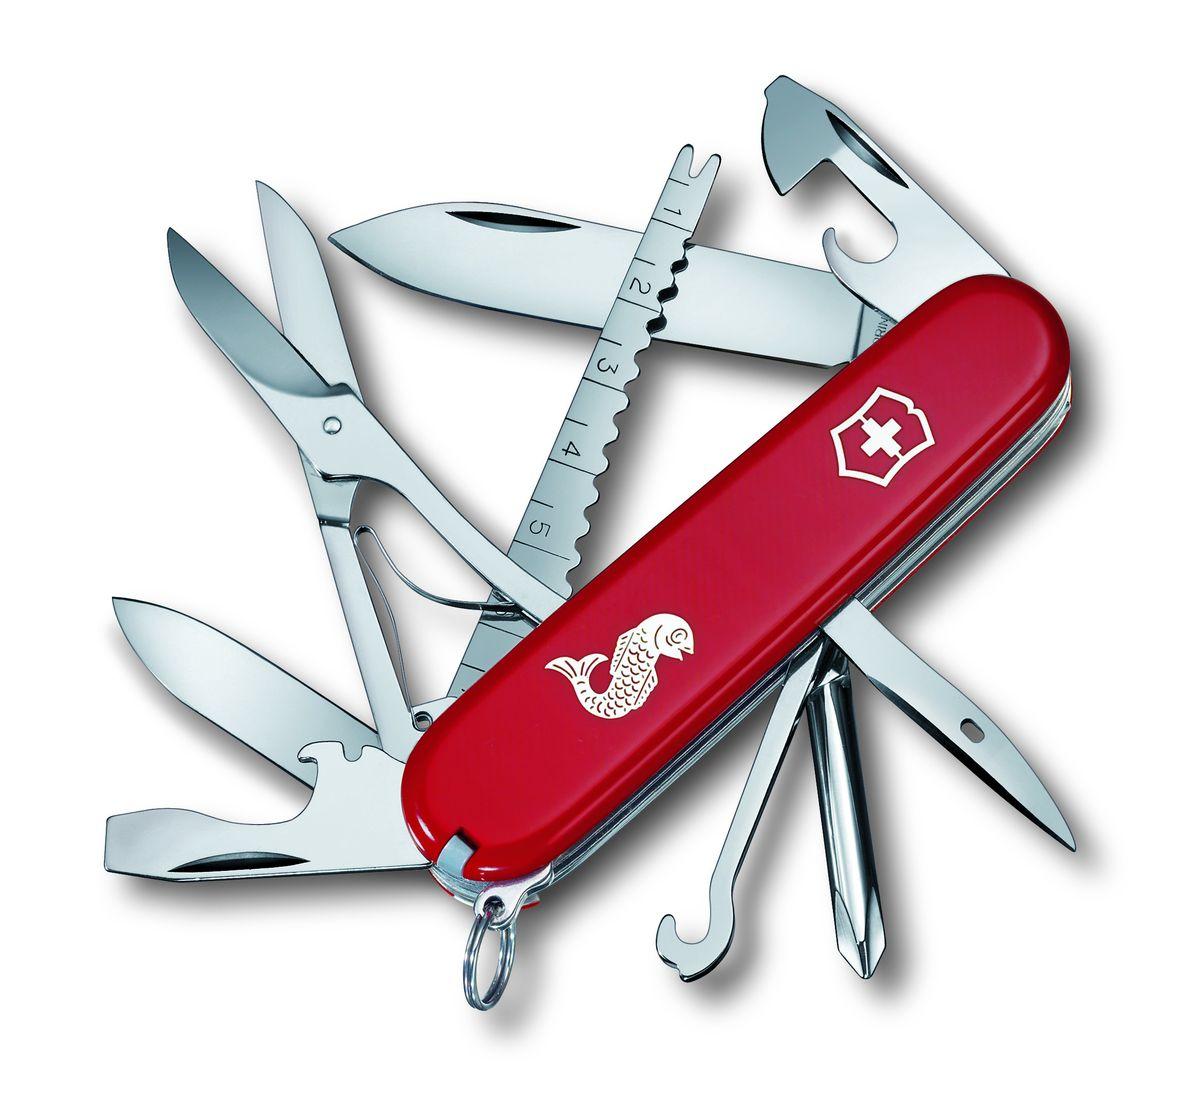 """Нож перочинный Victorinox """"Fisherman 1.4733.72"""", цвет: красный, длина клинка 67 мм"""